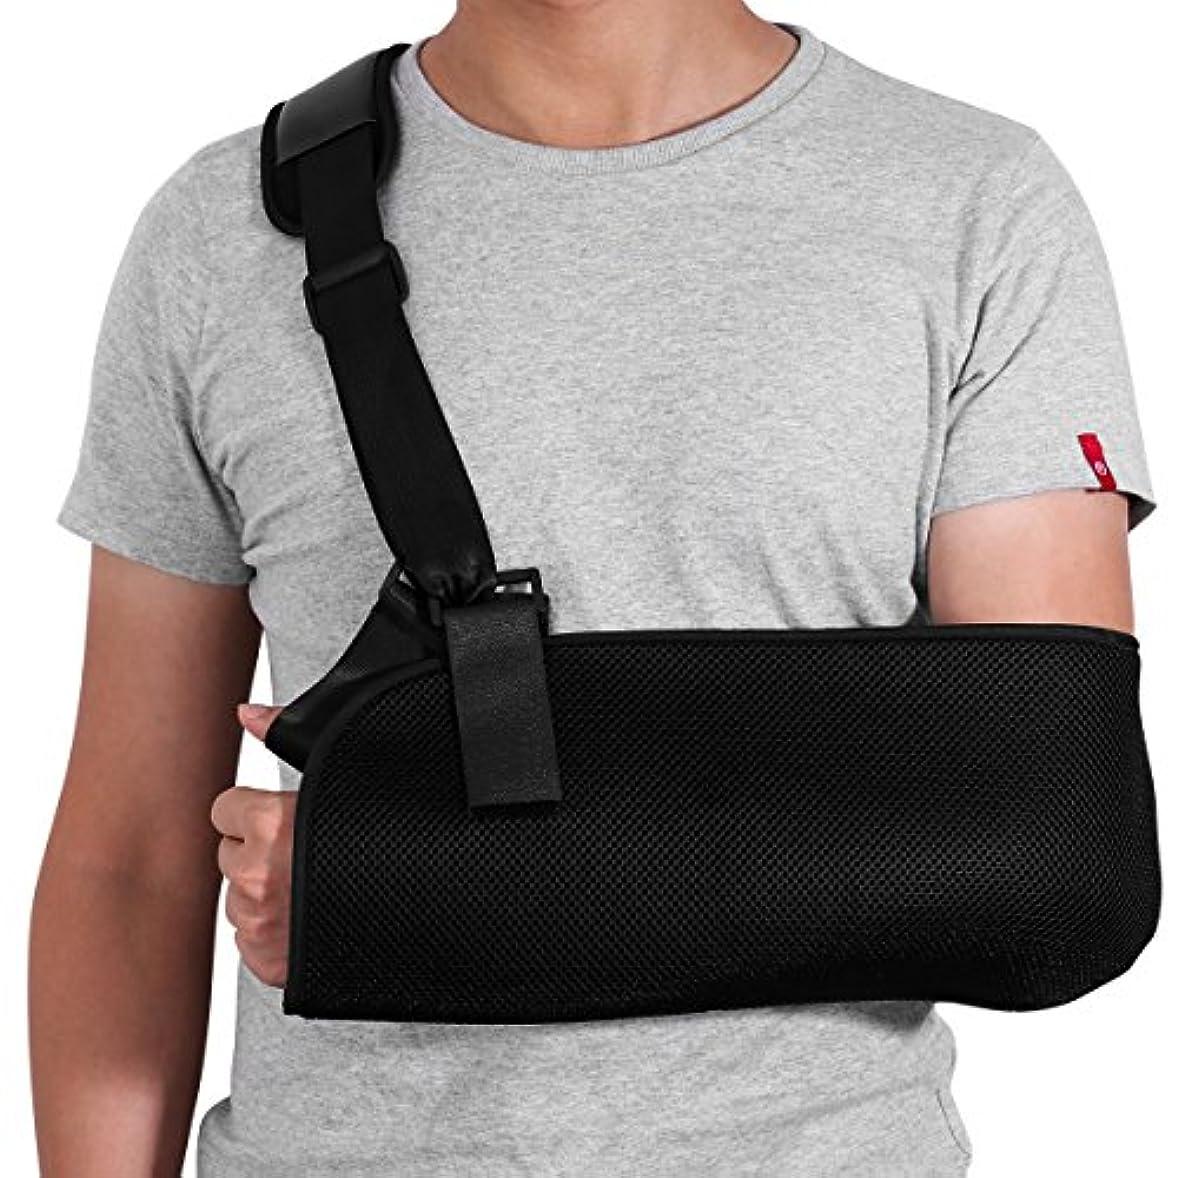 アライアンス鍔波ROSENICE アームスリング - 壊れた骨折したアームのためのショルダーイモビライザー - 調節可能なアーム、ショルダーローテーターカフサポートブレース - 涙、脱臼、捻挫およびひずみ